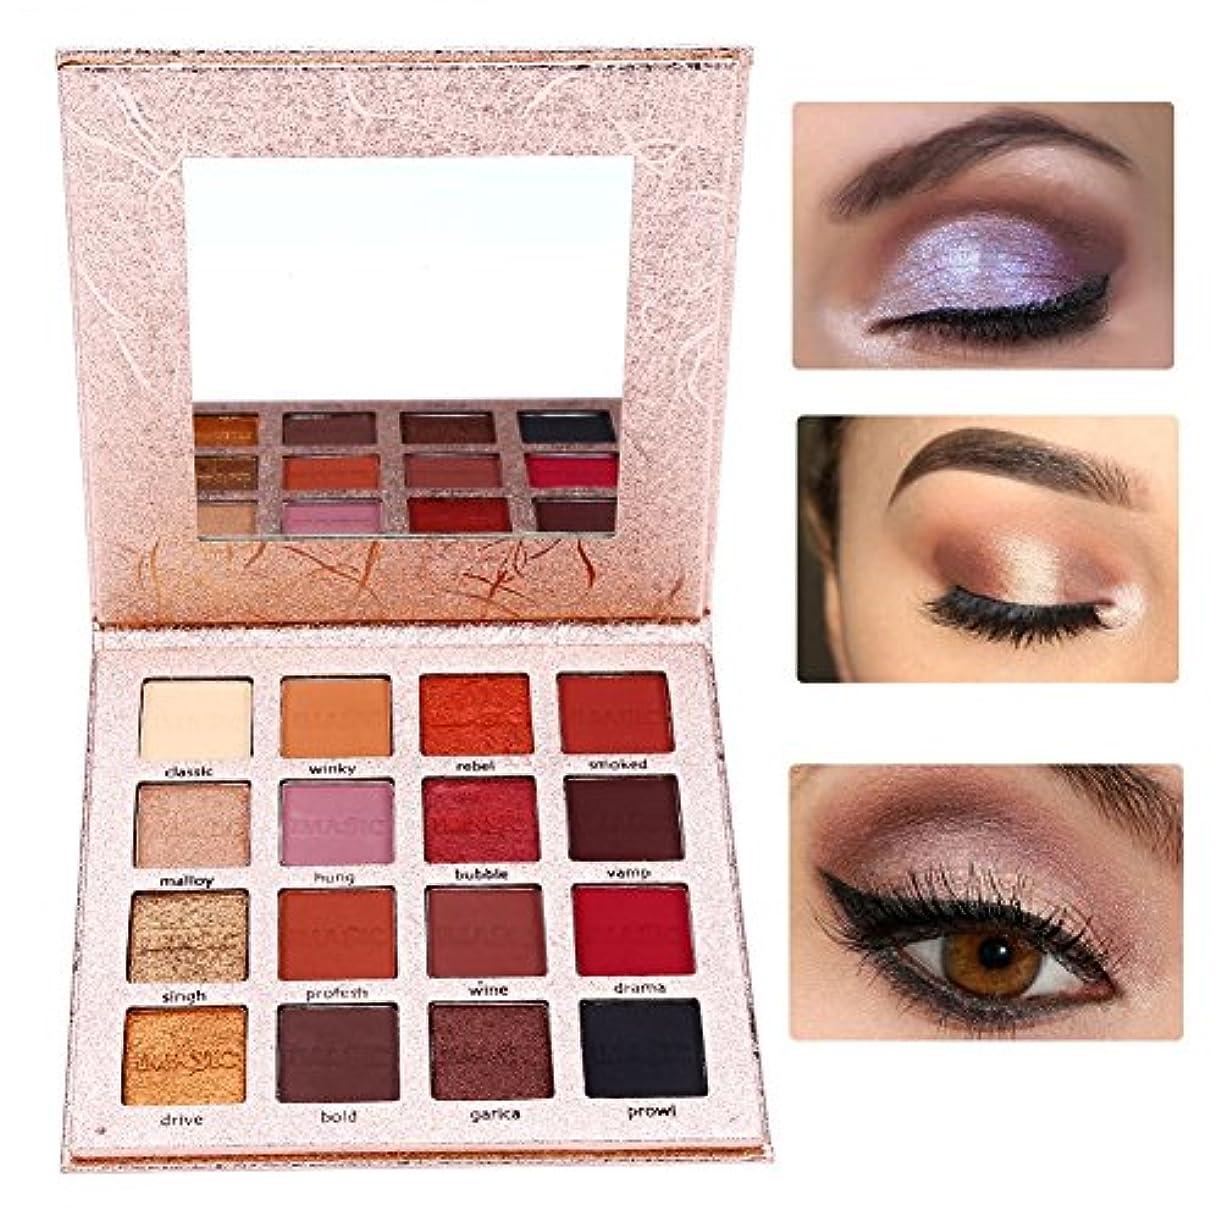 16色アイシャドウパレット、アイシャドウパレット化粧マットグロスアイシャドウパウダー化粧品ツール